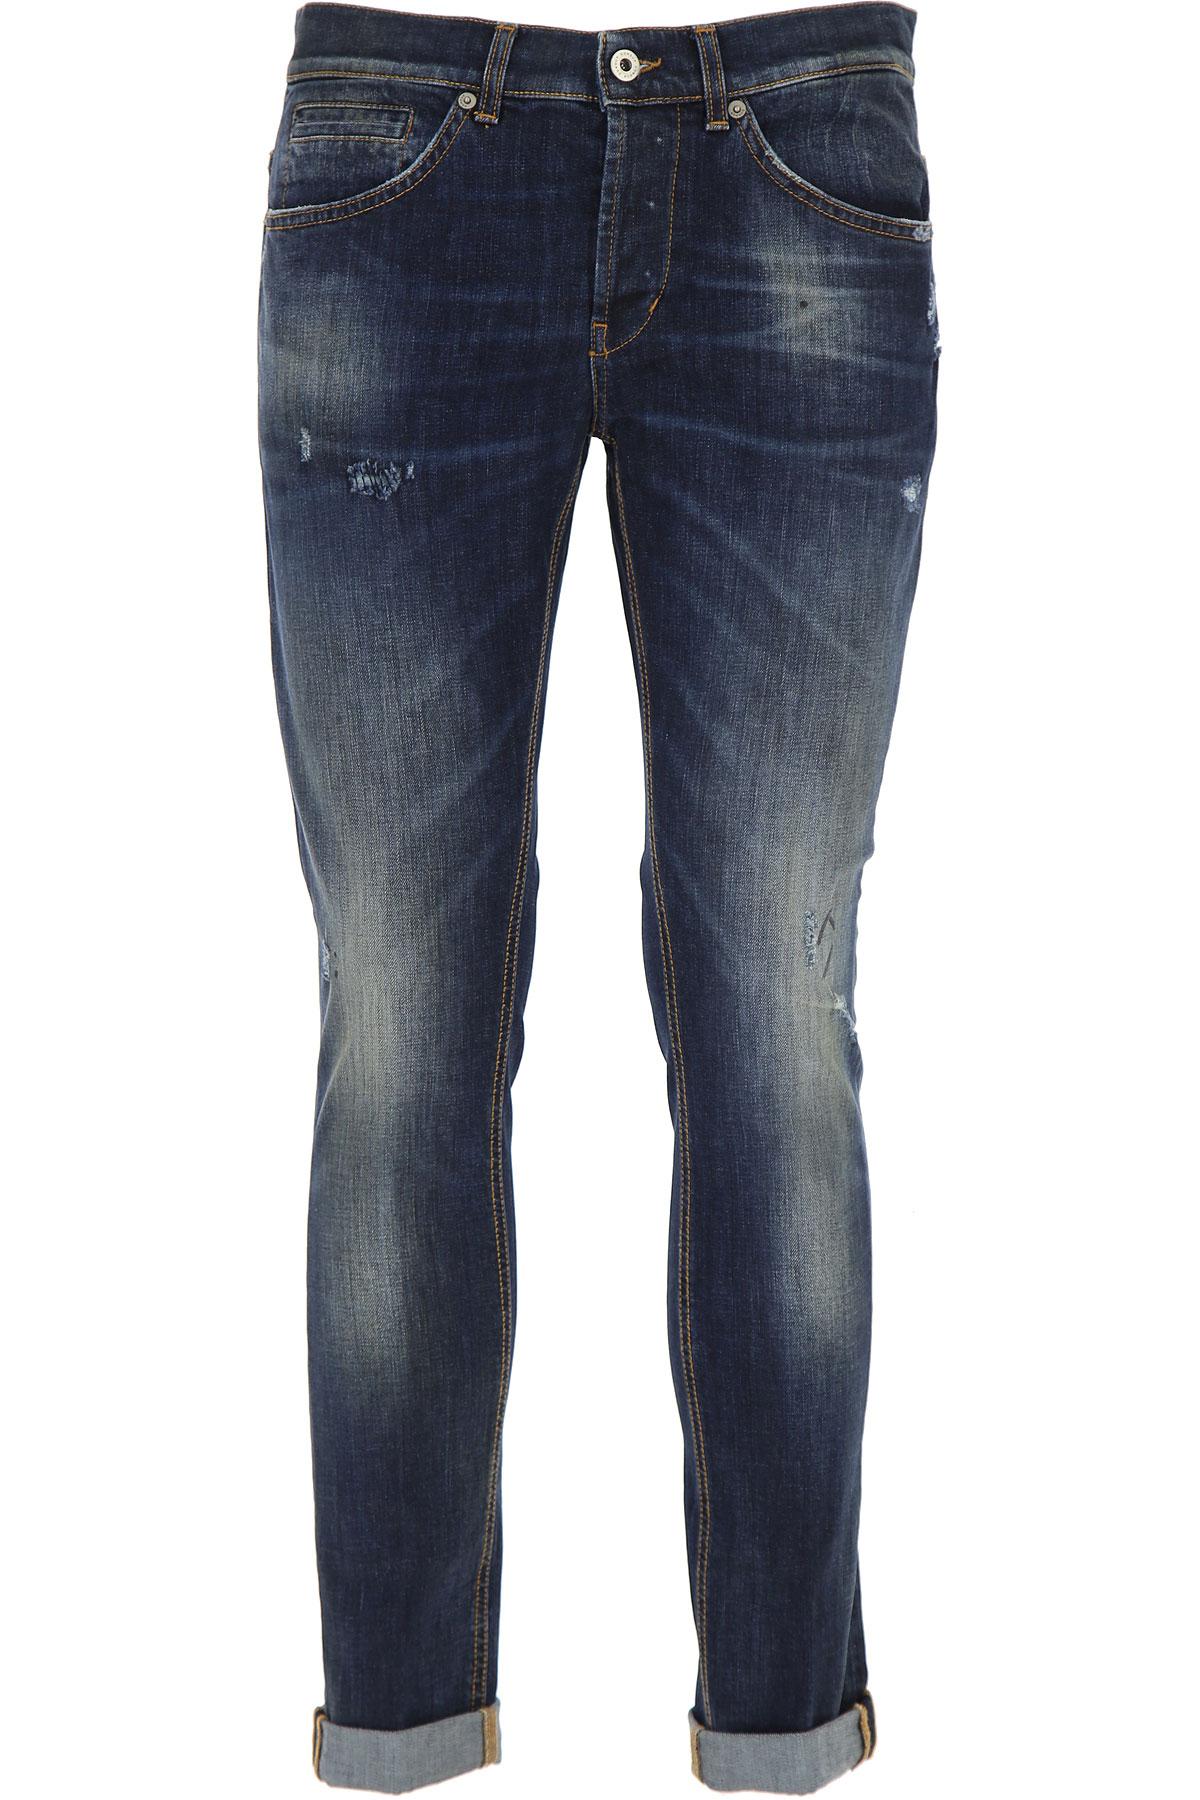 Dondup Jeans, Dark Blue Denim, Cotton, 2019, 29 36 38